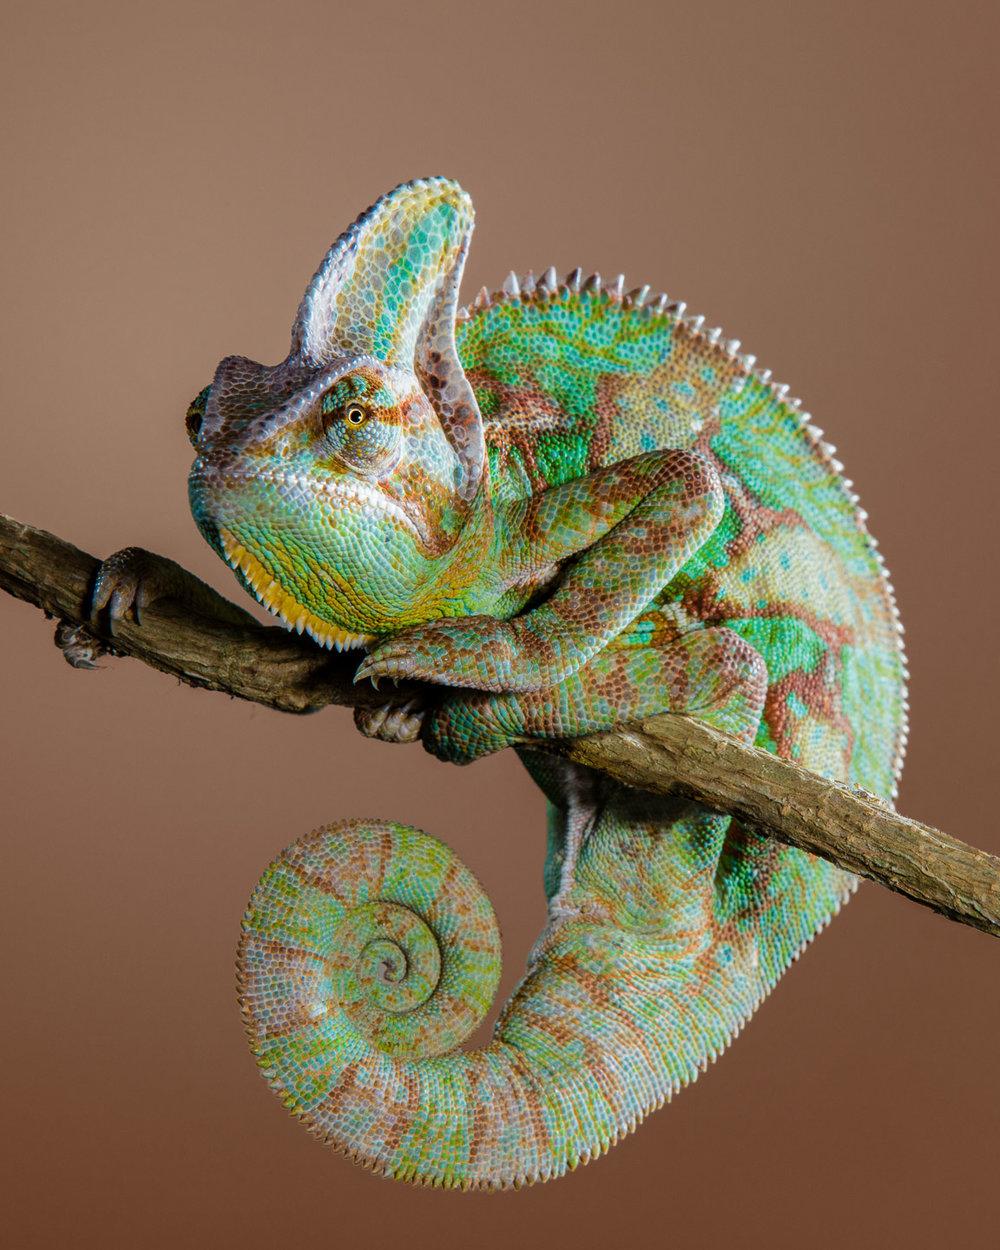 Tim Platt - Chameleon